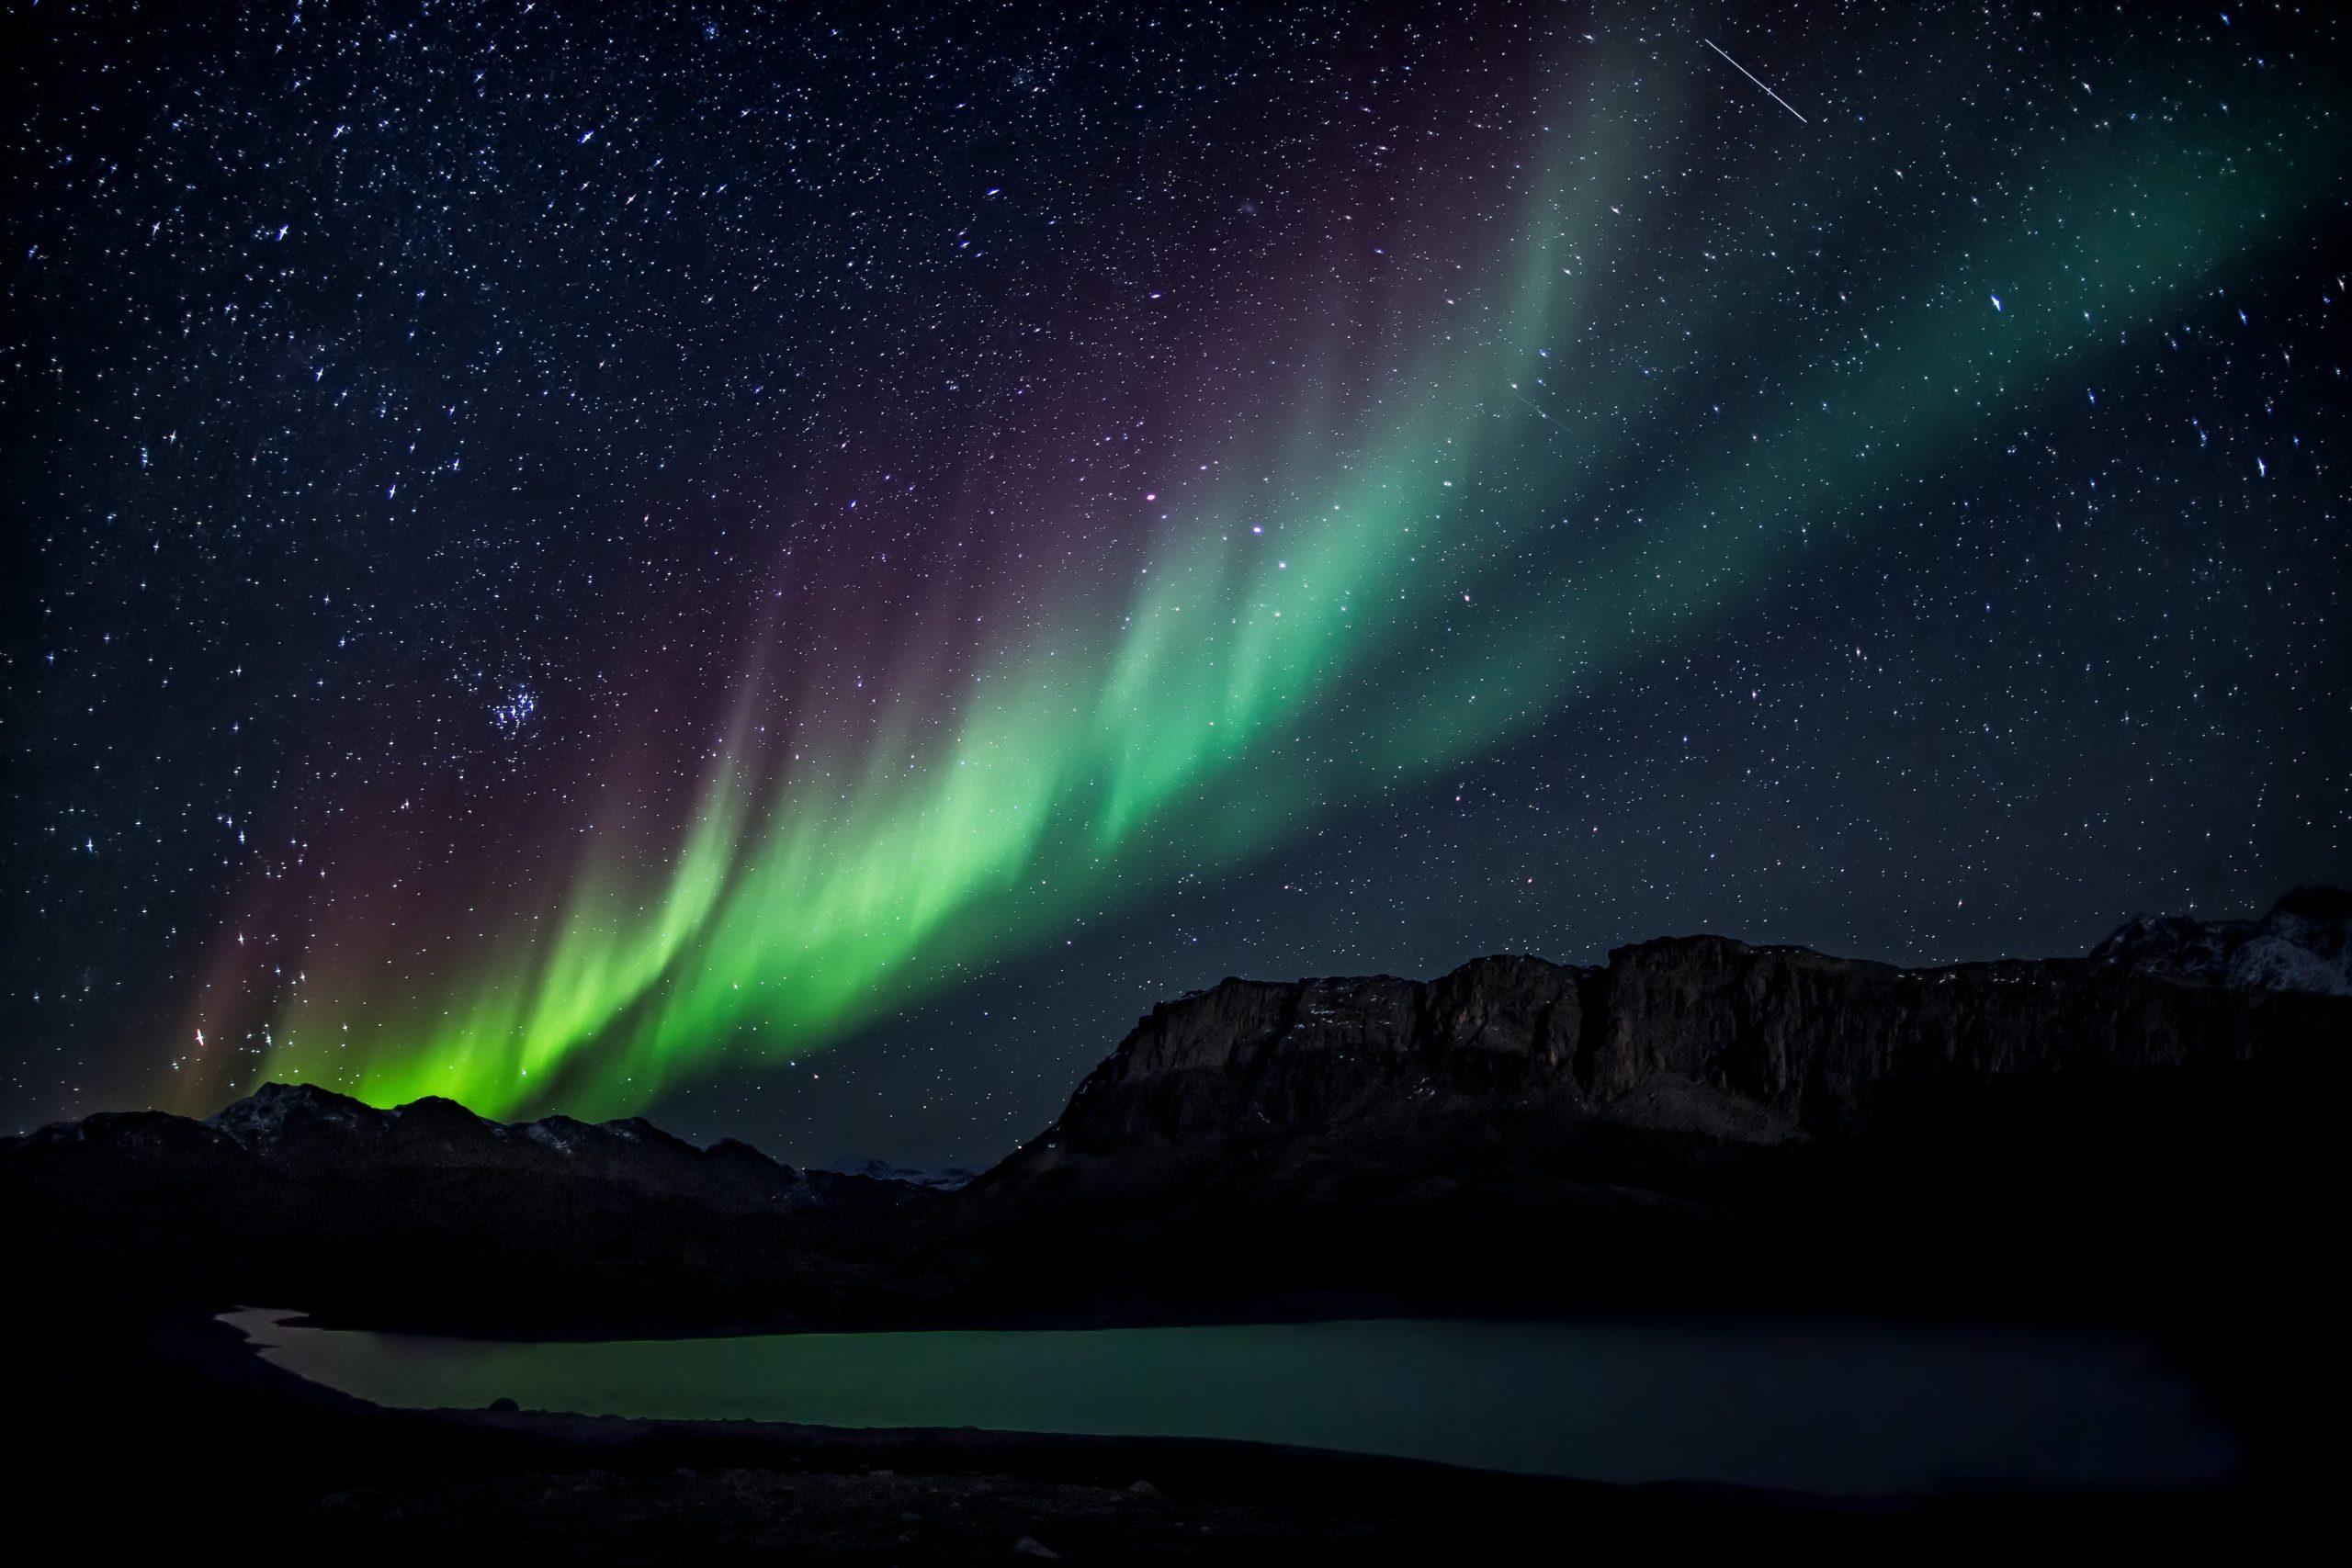 nordlichter sehen grün lila